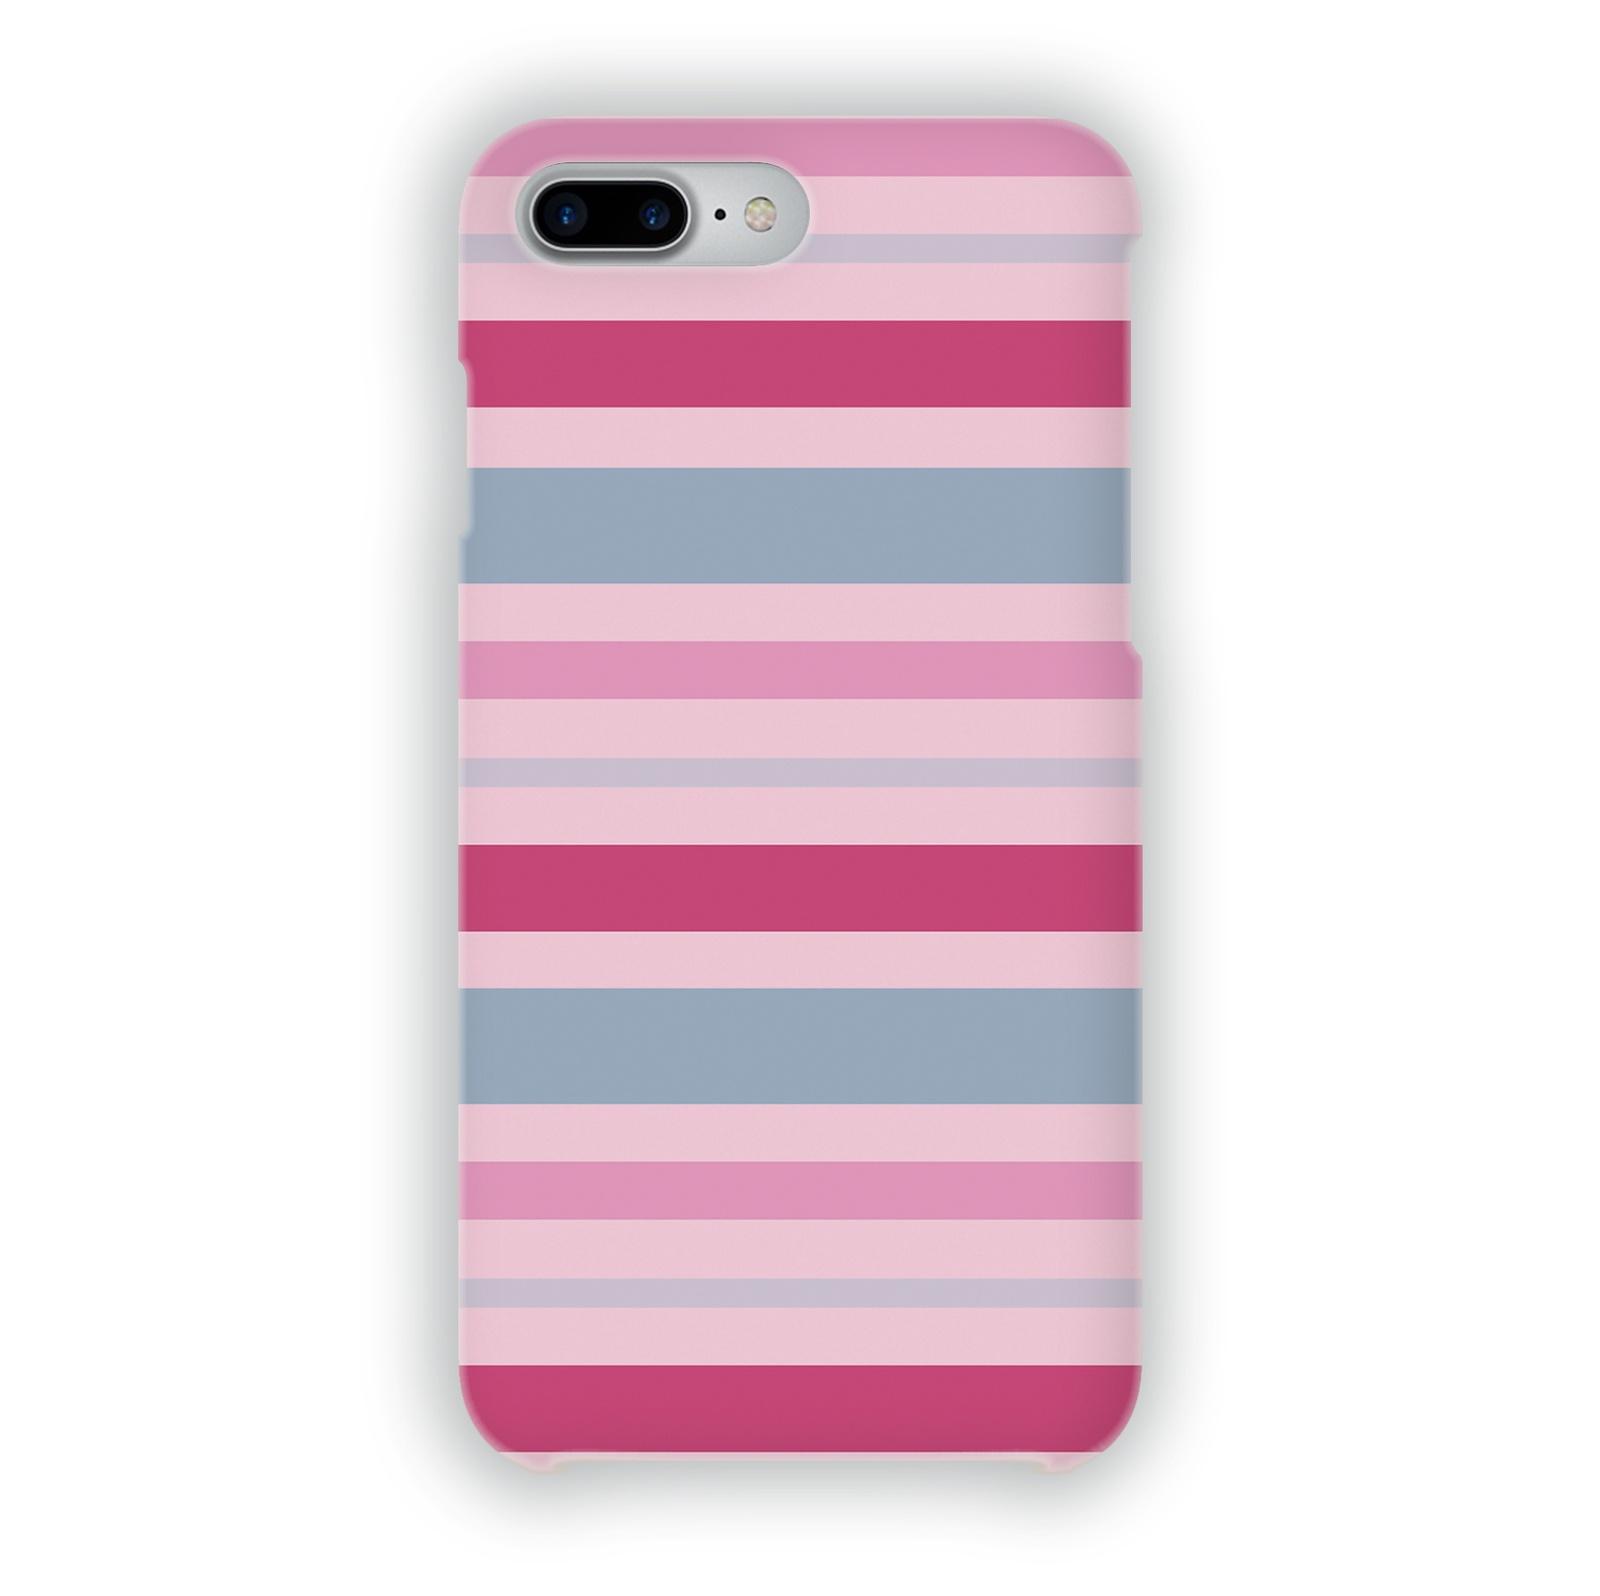 лучшая цена Чехол для iPhone 7 Plus/8 Plus Полосатый принт IP7PLUS.MITYA-023